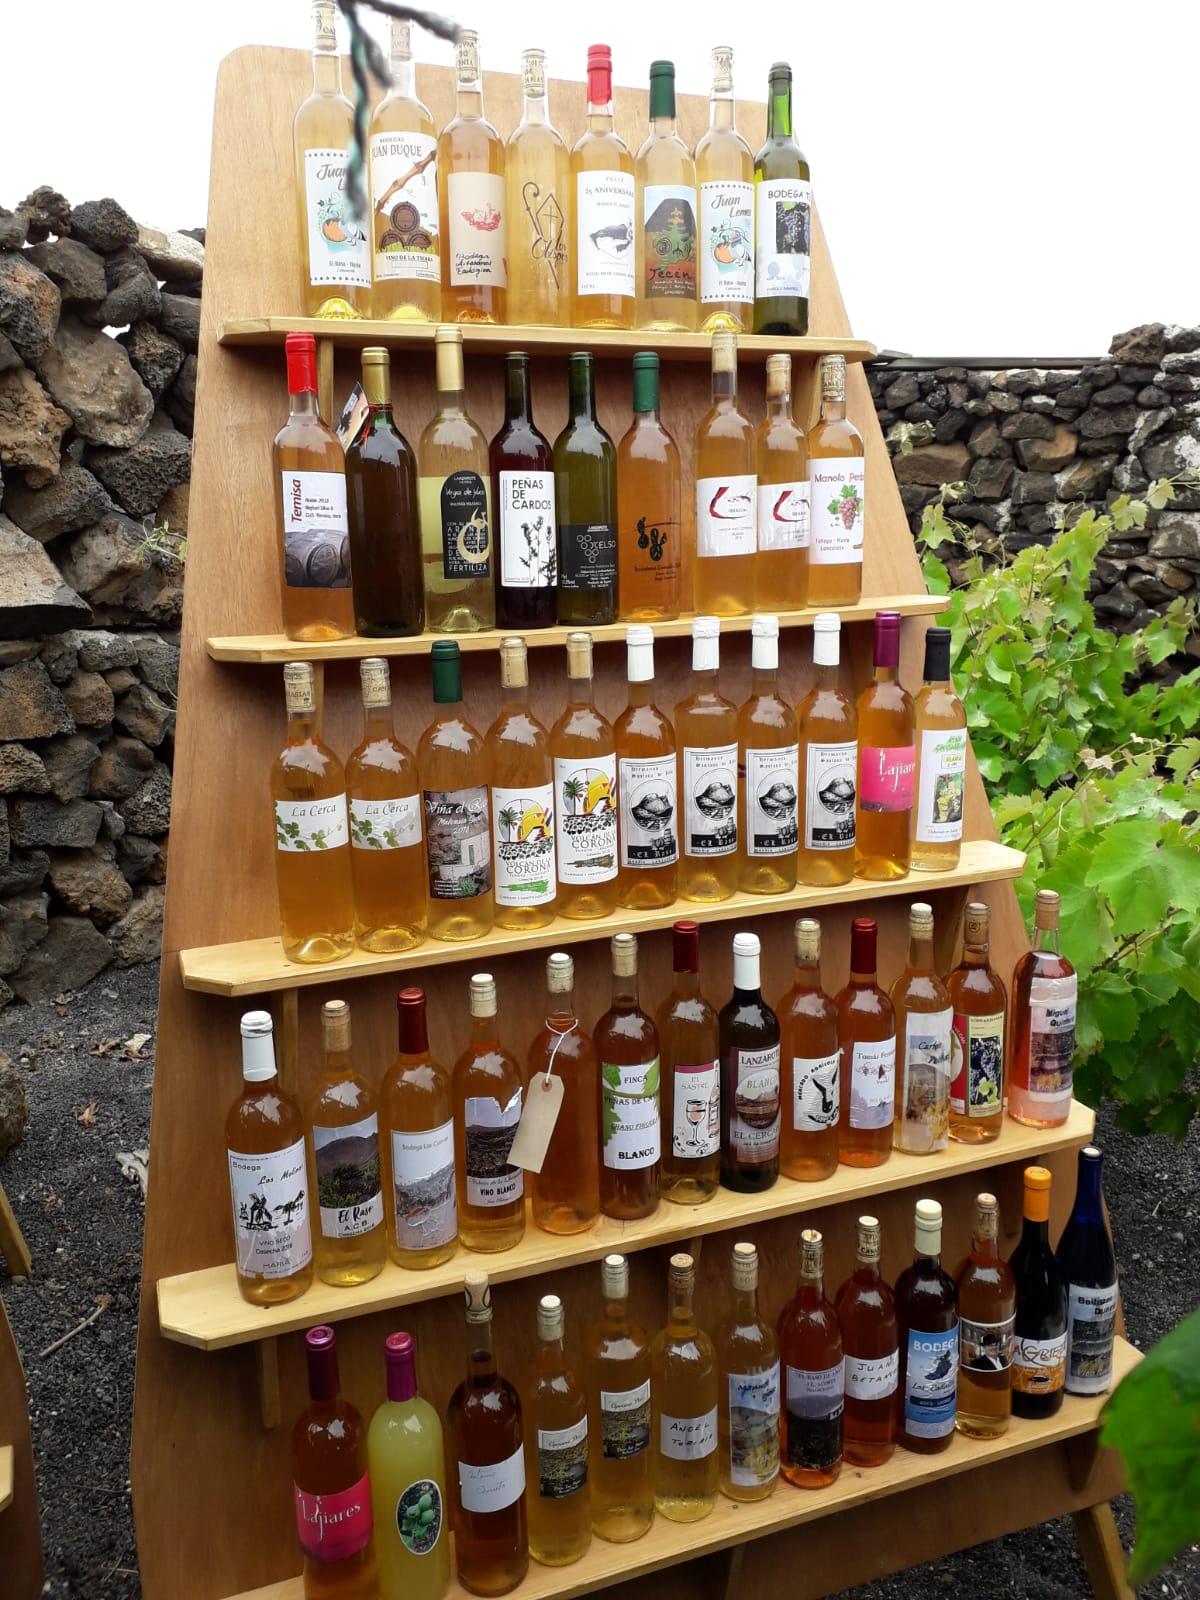 Éxito de participación con 117 vinos artesanales en el  X Encuentro de la Asociación de Amigos del Vino y Queso de Lanzarote